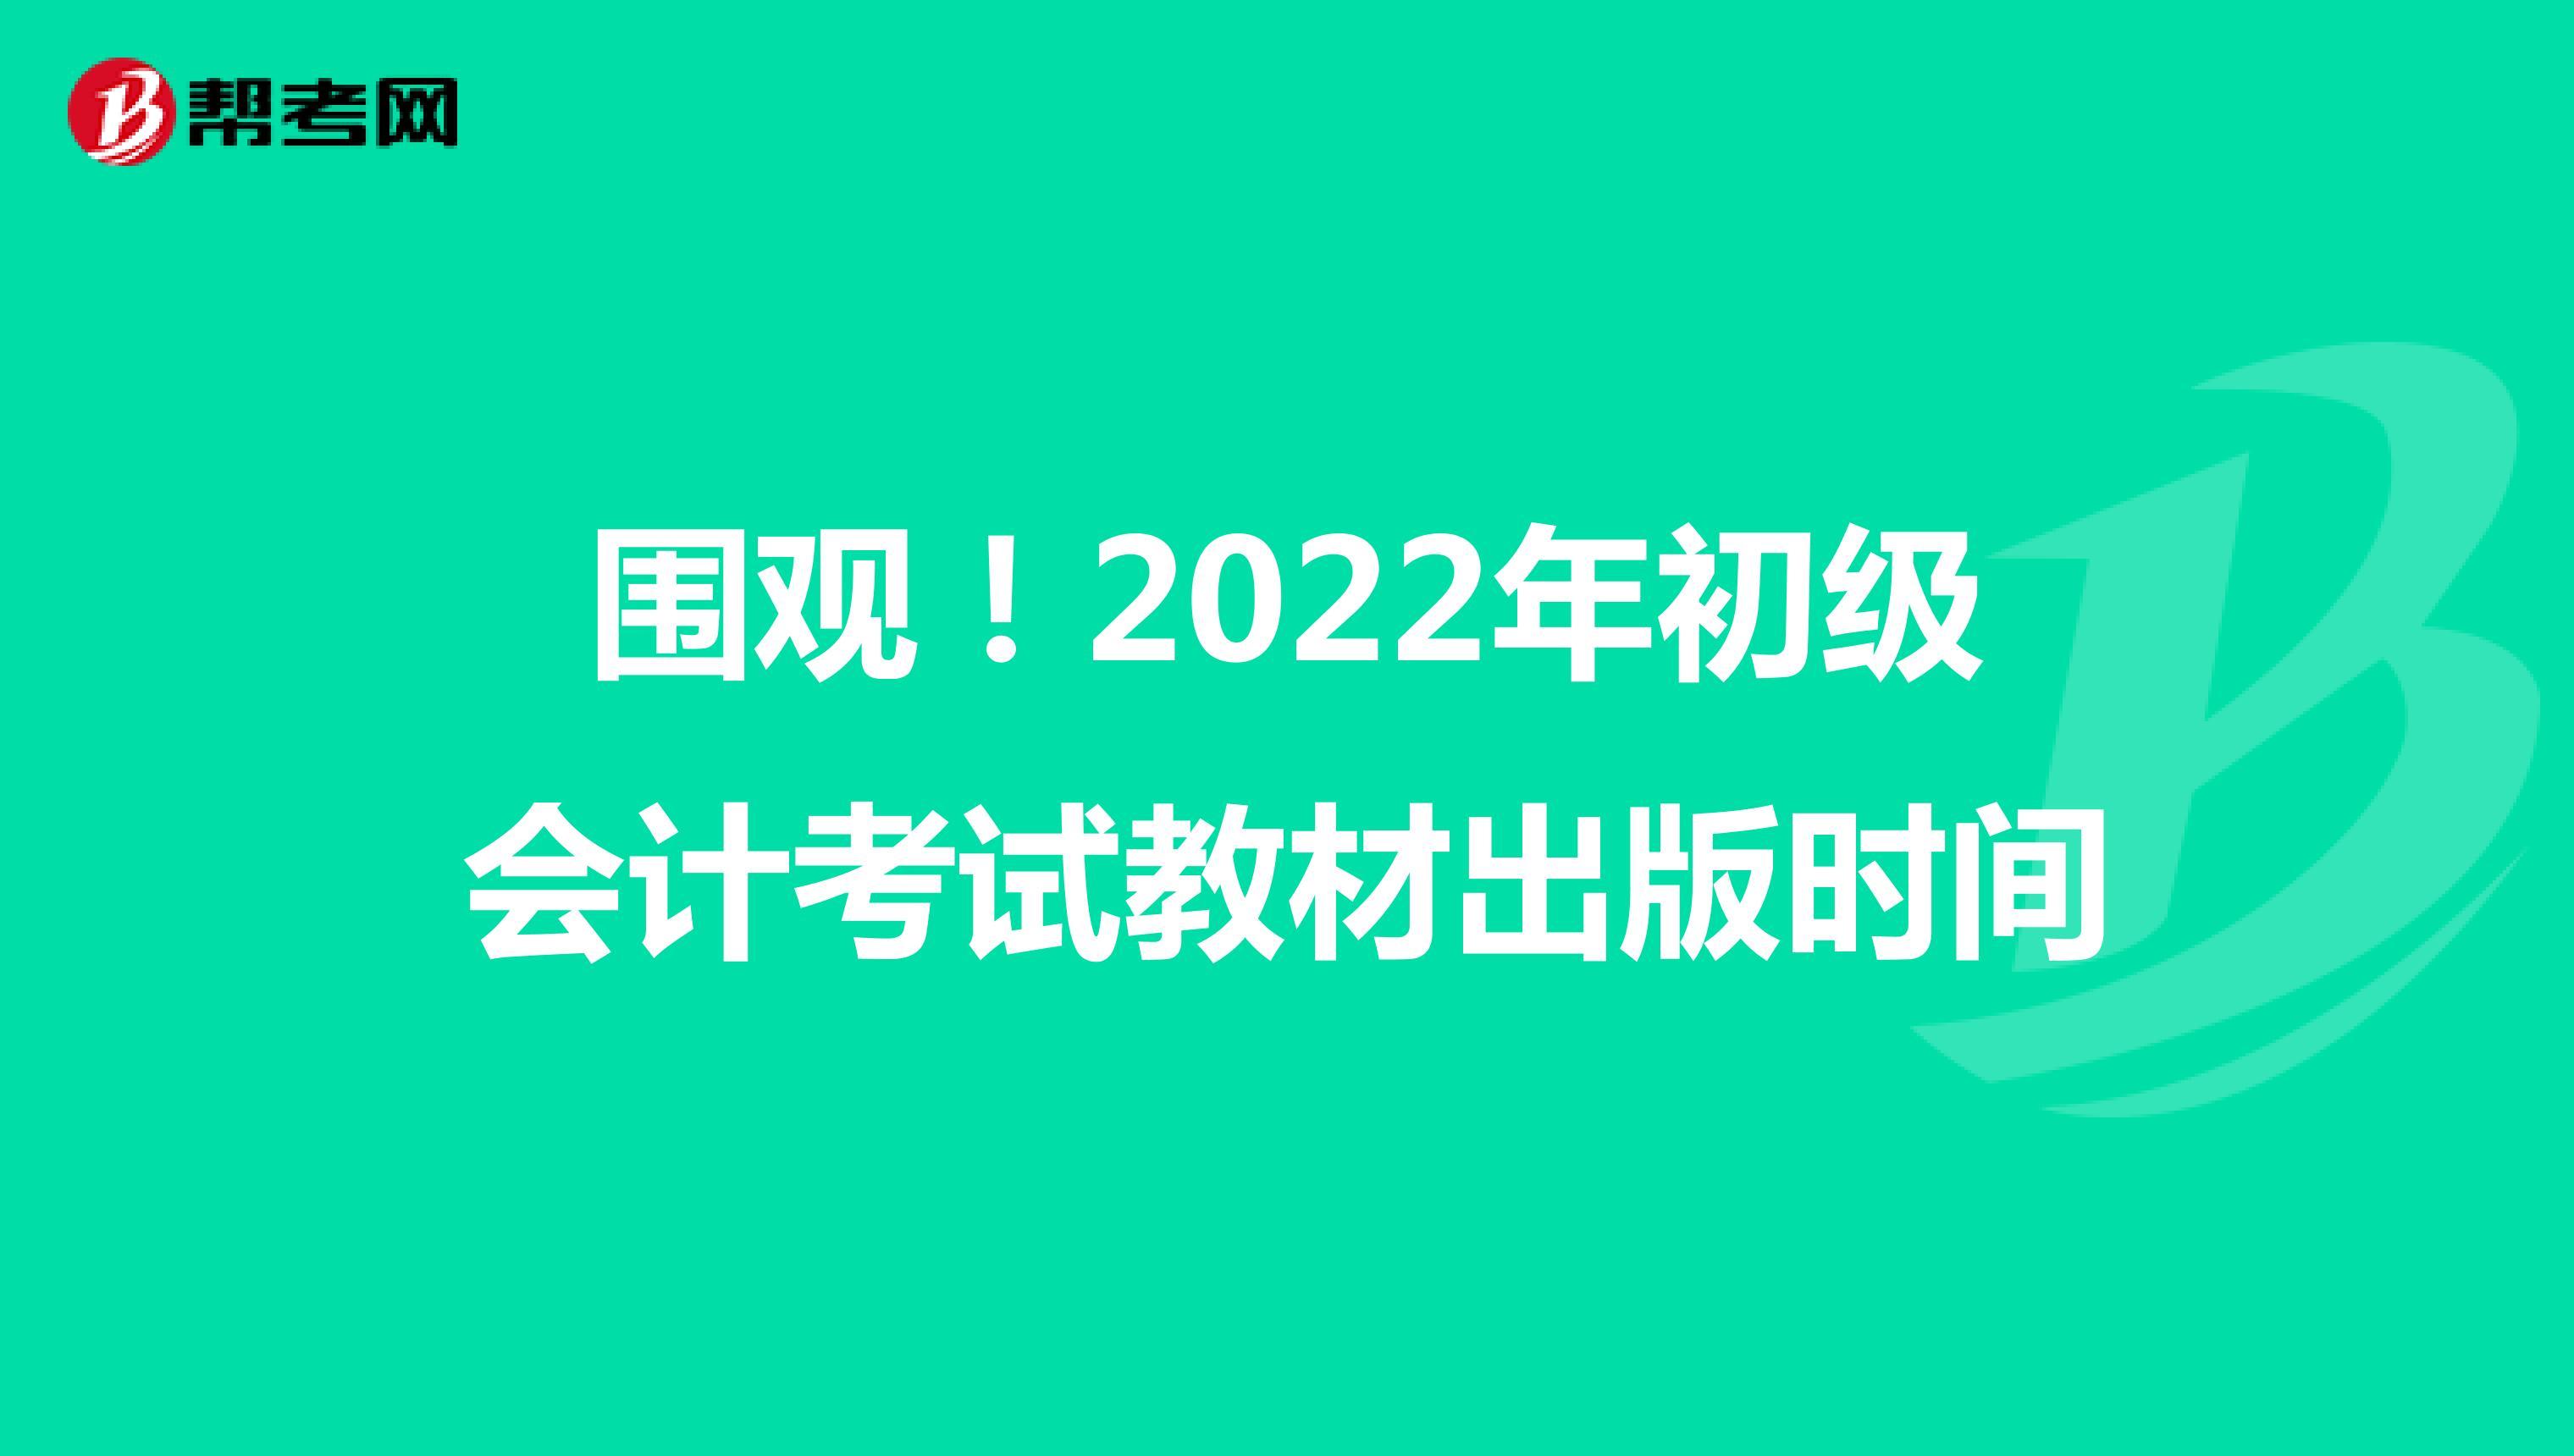 围观!2022年初级会计考试教材出版时间